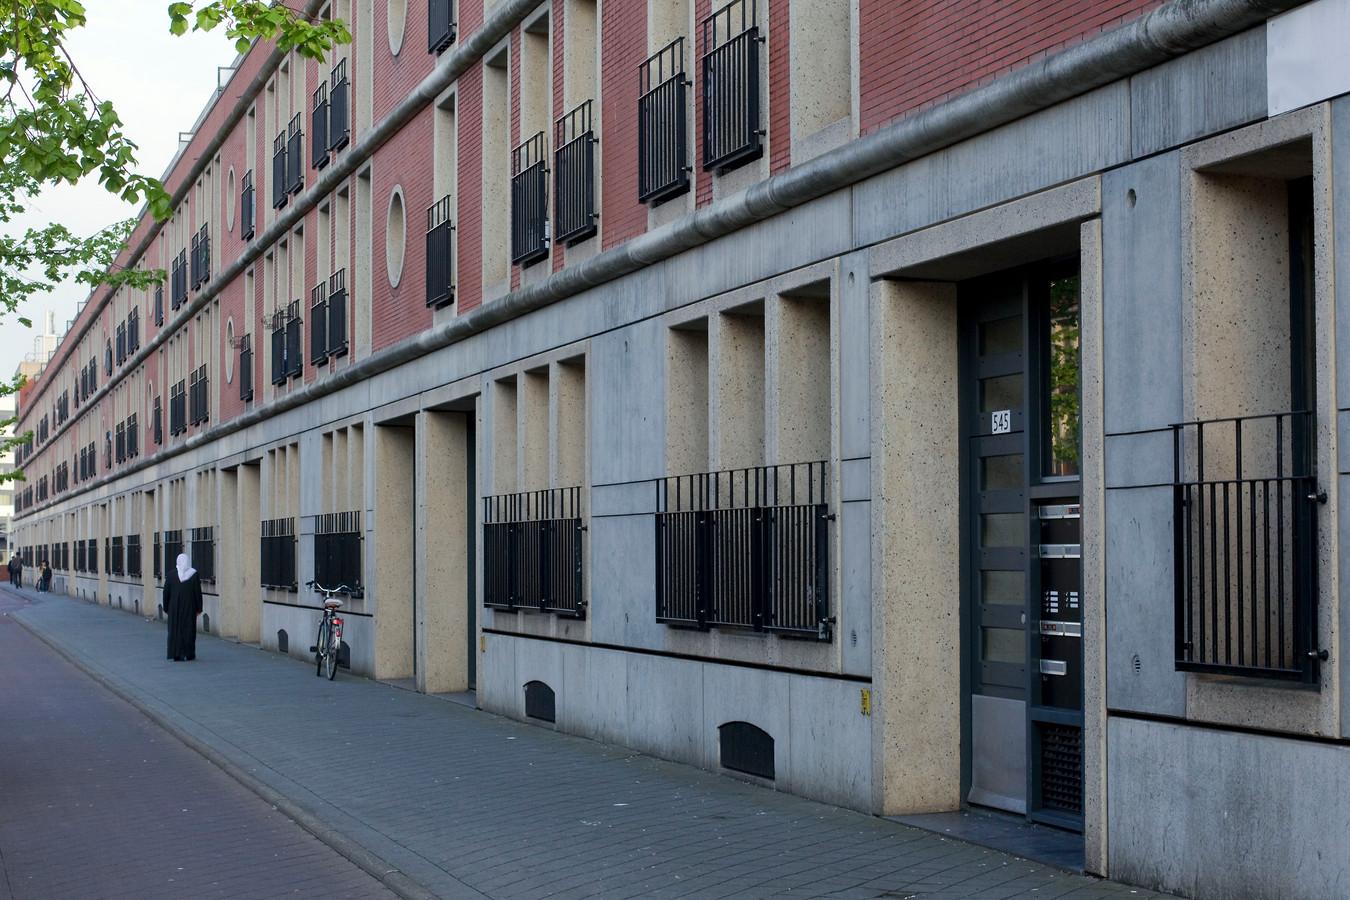 Sociale huurwoningen in Amsterdam.